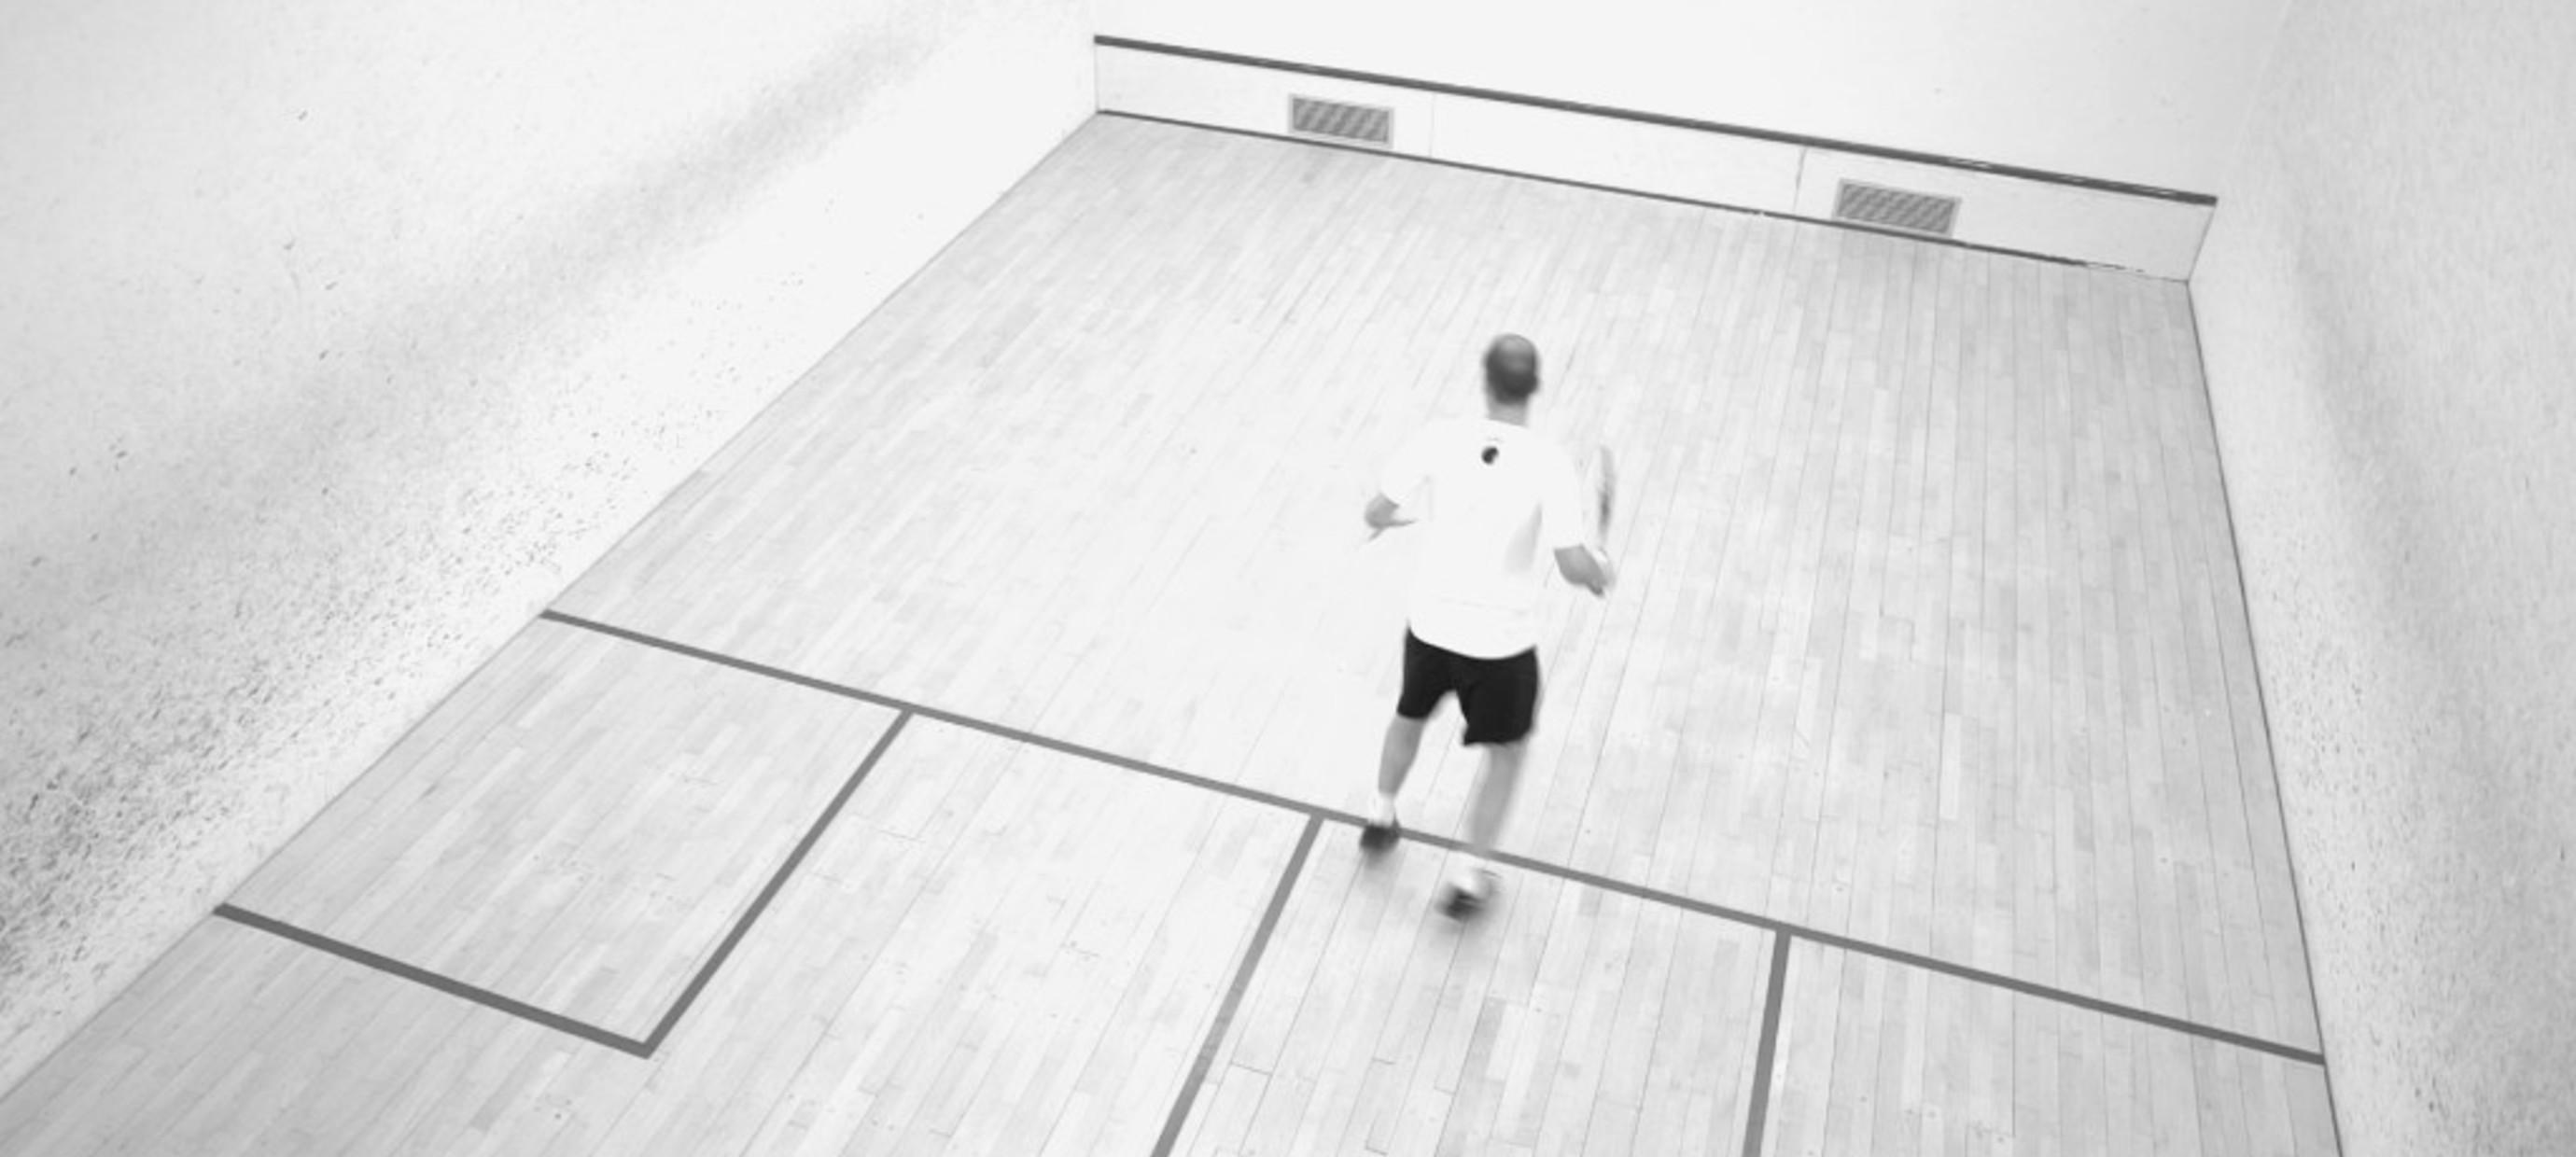 Deshalb soltest Du das T beim Squash kontrolieren